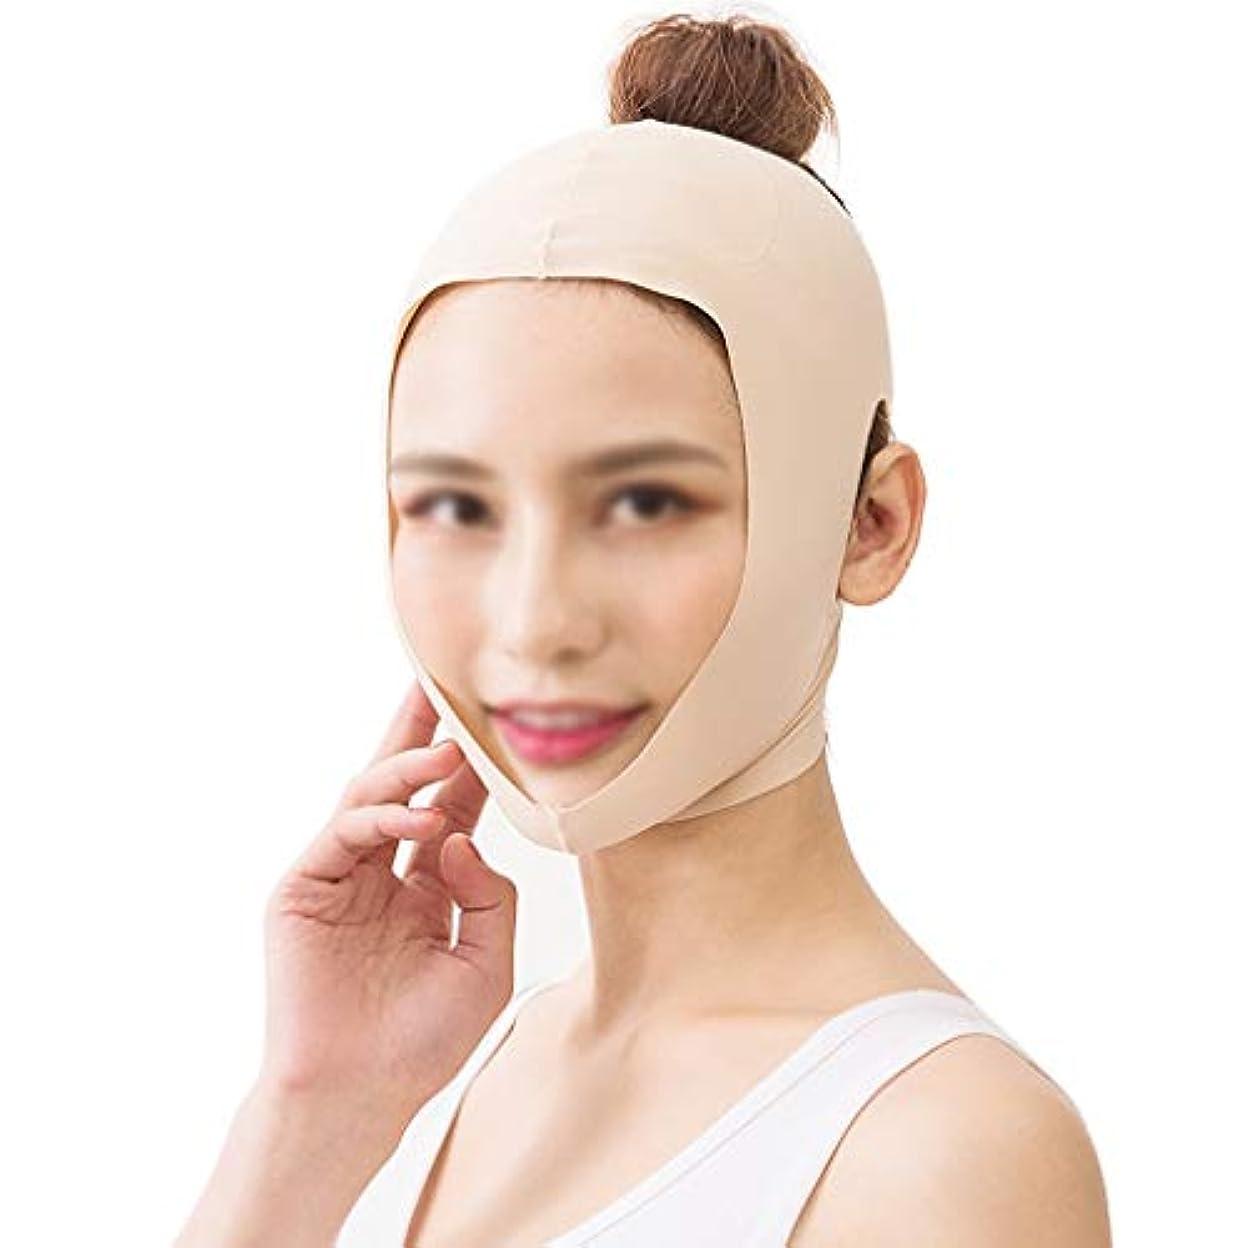 気性未来お別れフェースリフト用フェイシャル引き締め包帯、フェイシャルリフティングツール、二重あごを減らすためのリフティング包帯